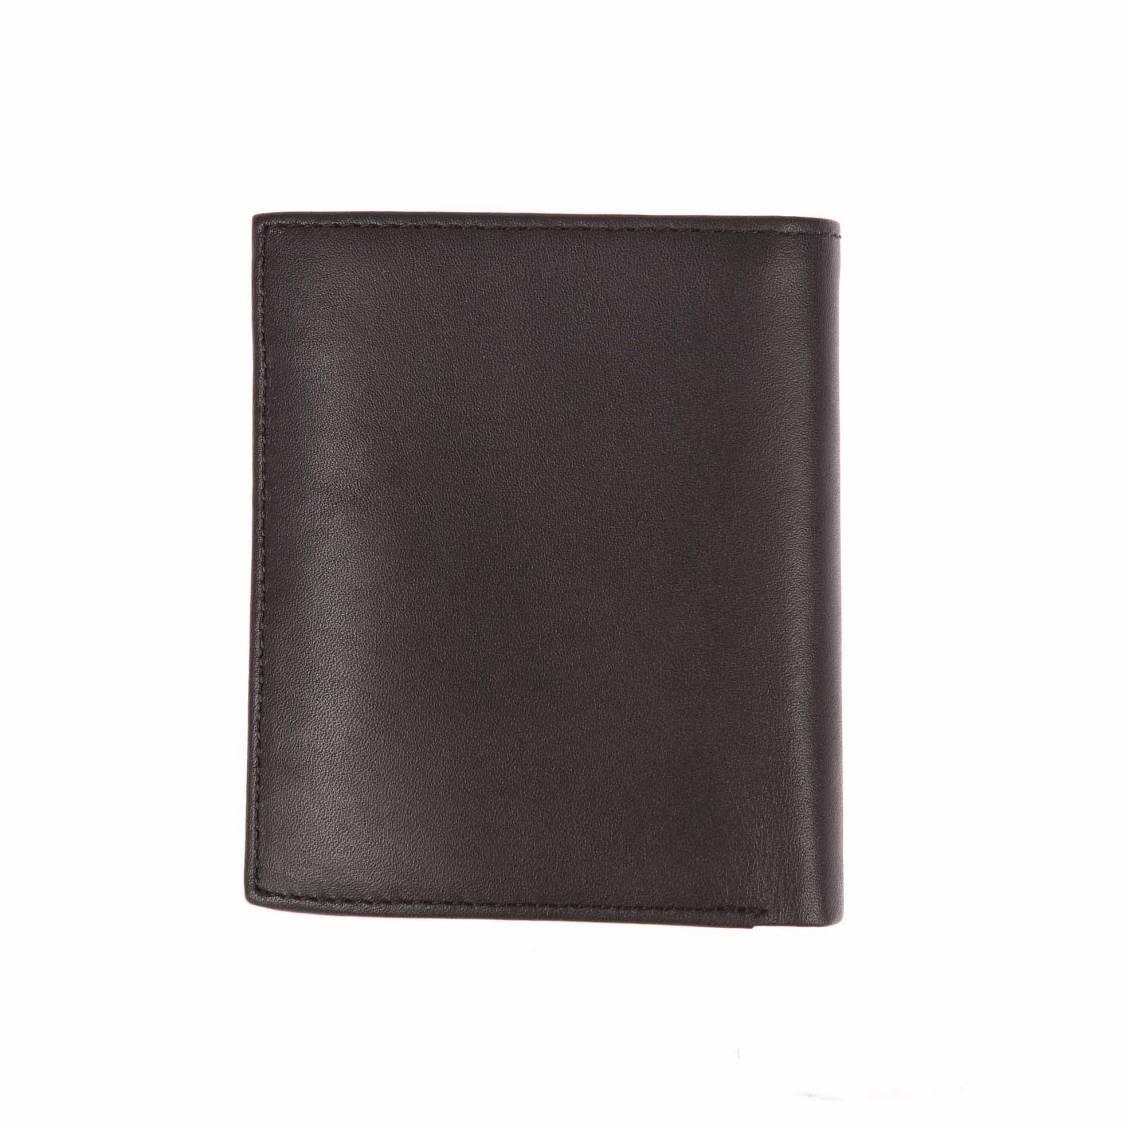 Mini portefeuille europééen L3on Calvin Klein Jeans en cuir noir 4ngTp